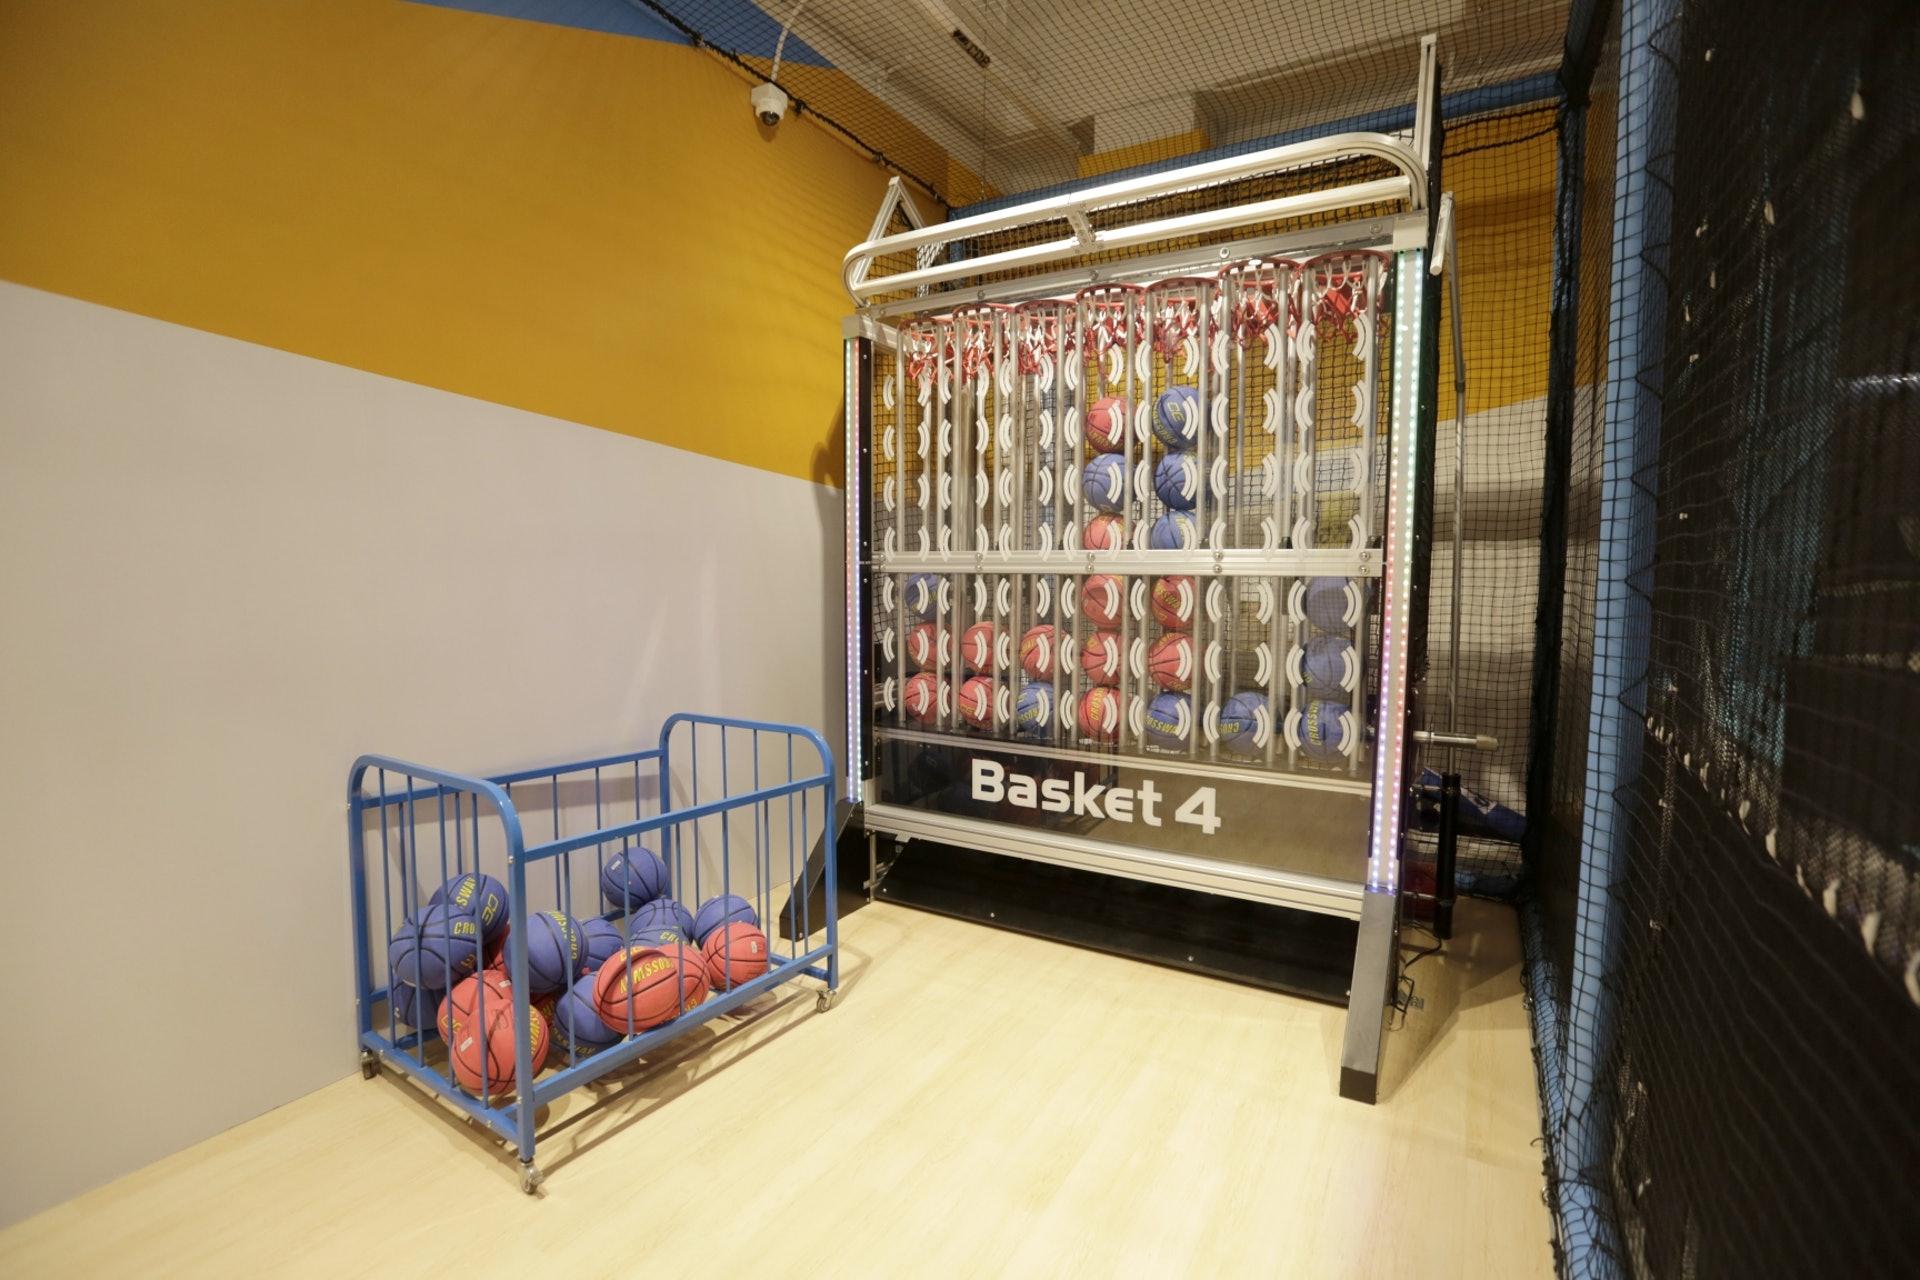 【2/Basket4】籃球有分紅藍色,像蘋果棋一樣玩法。(龔嘉盛攝)